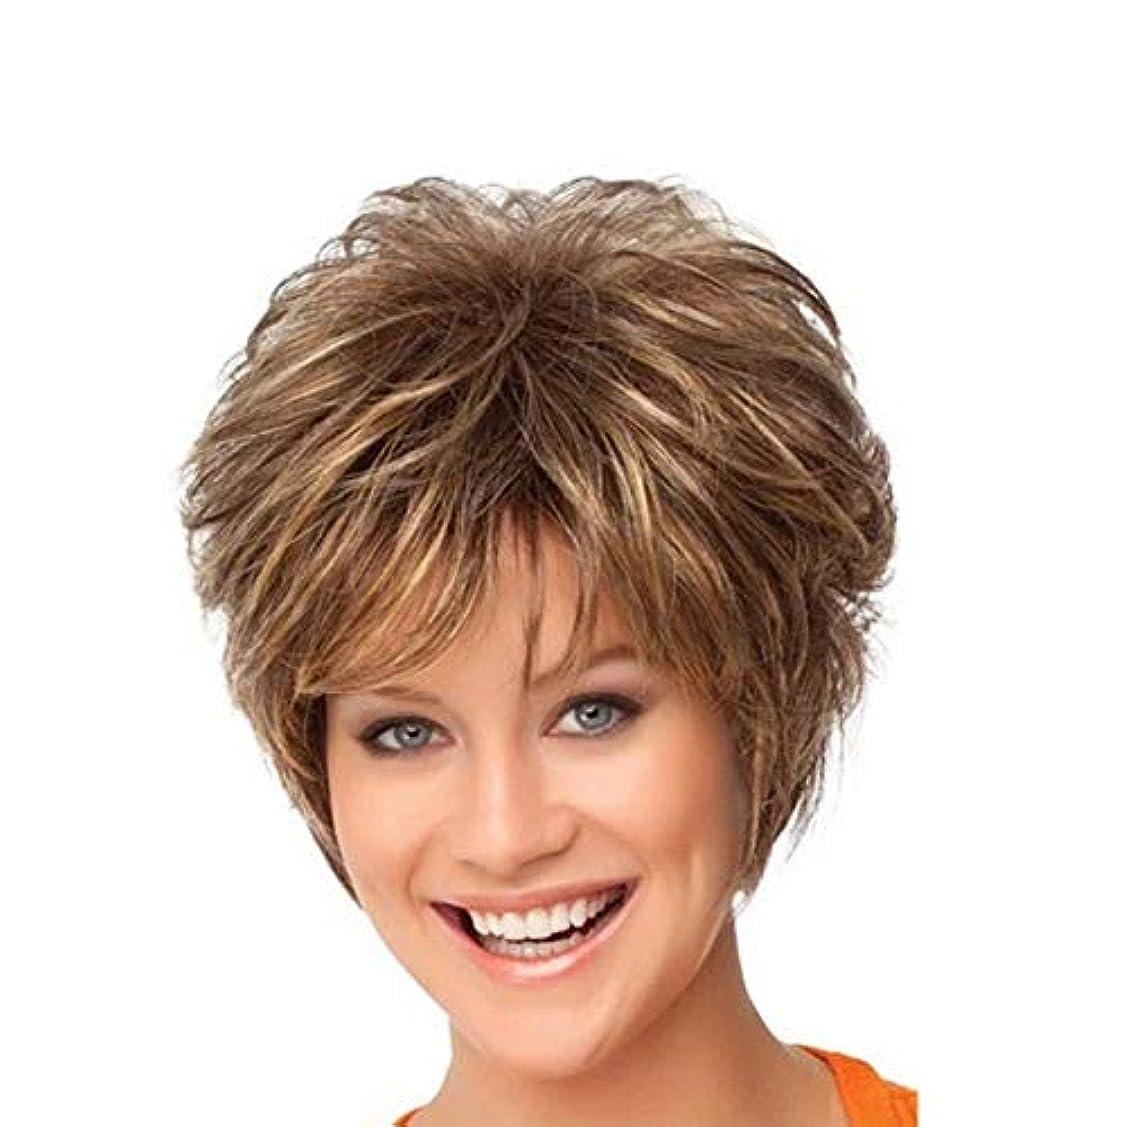 彼自身ブート縫うWASAIO 女性の短い巻き毛のかつらのための女性の髪のかつら (色 : ブラウン)